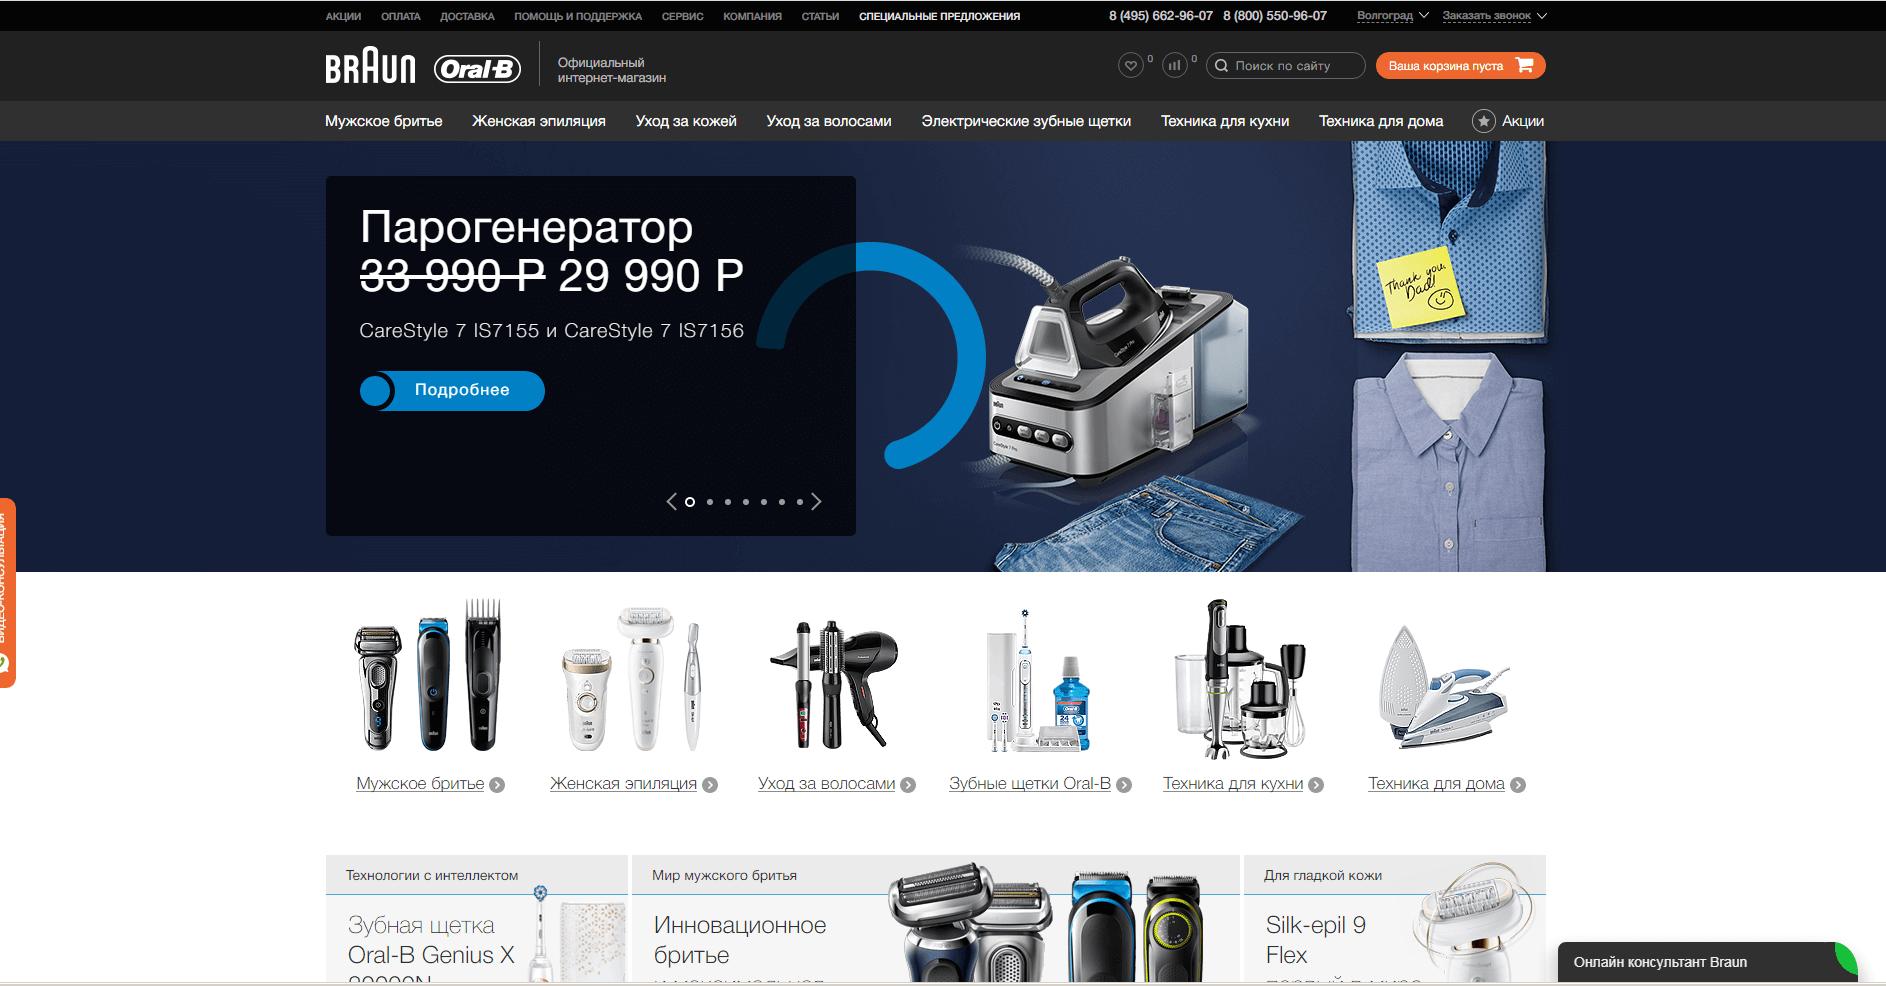 braun-russia.ru website